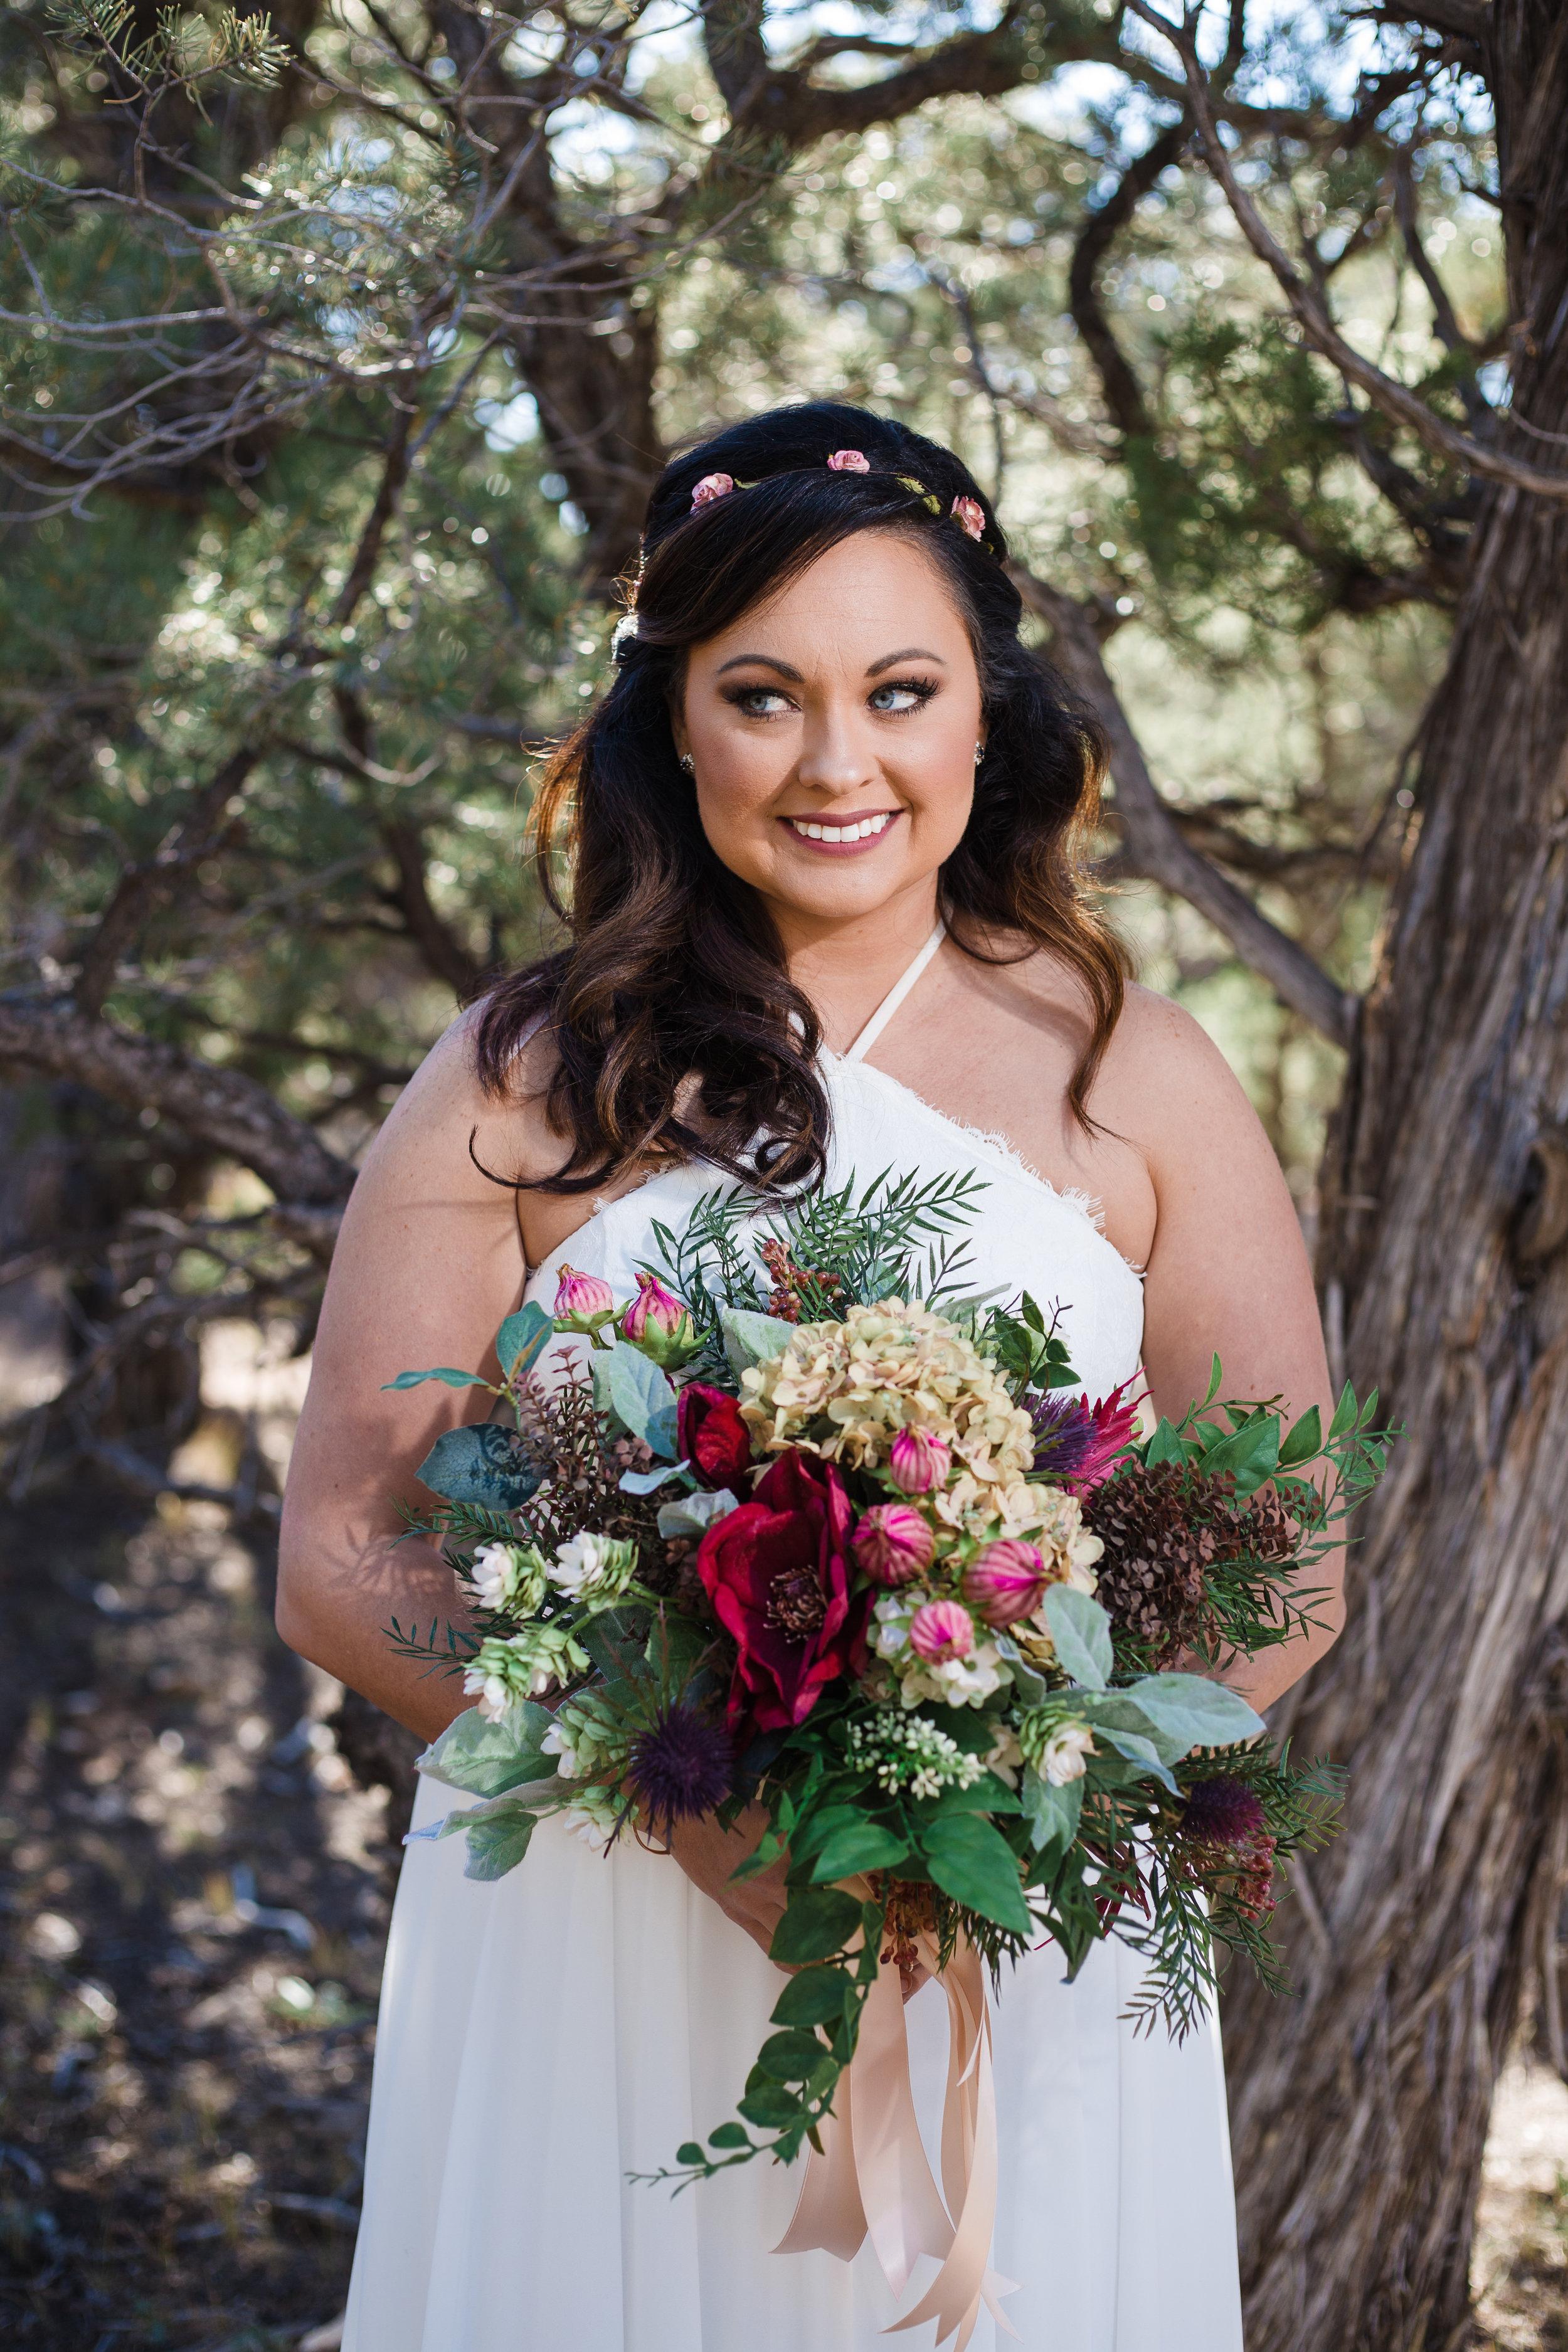 Grand Canyon bride.